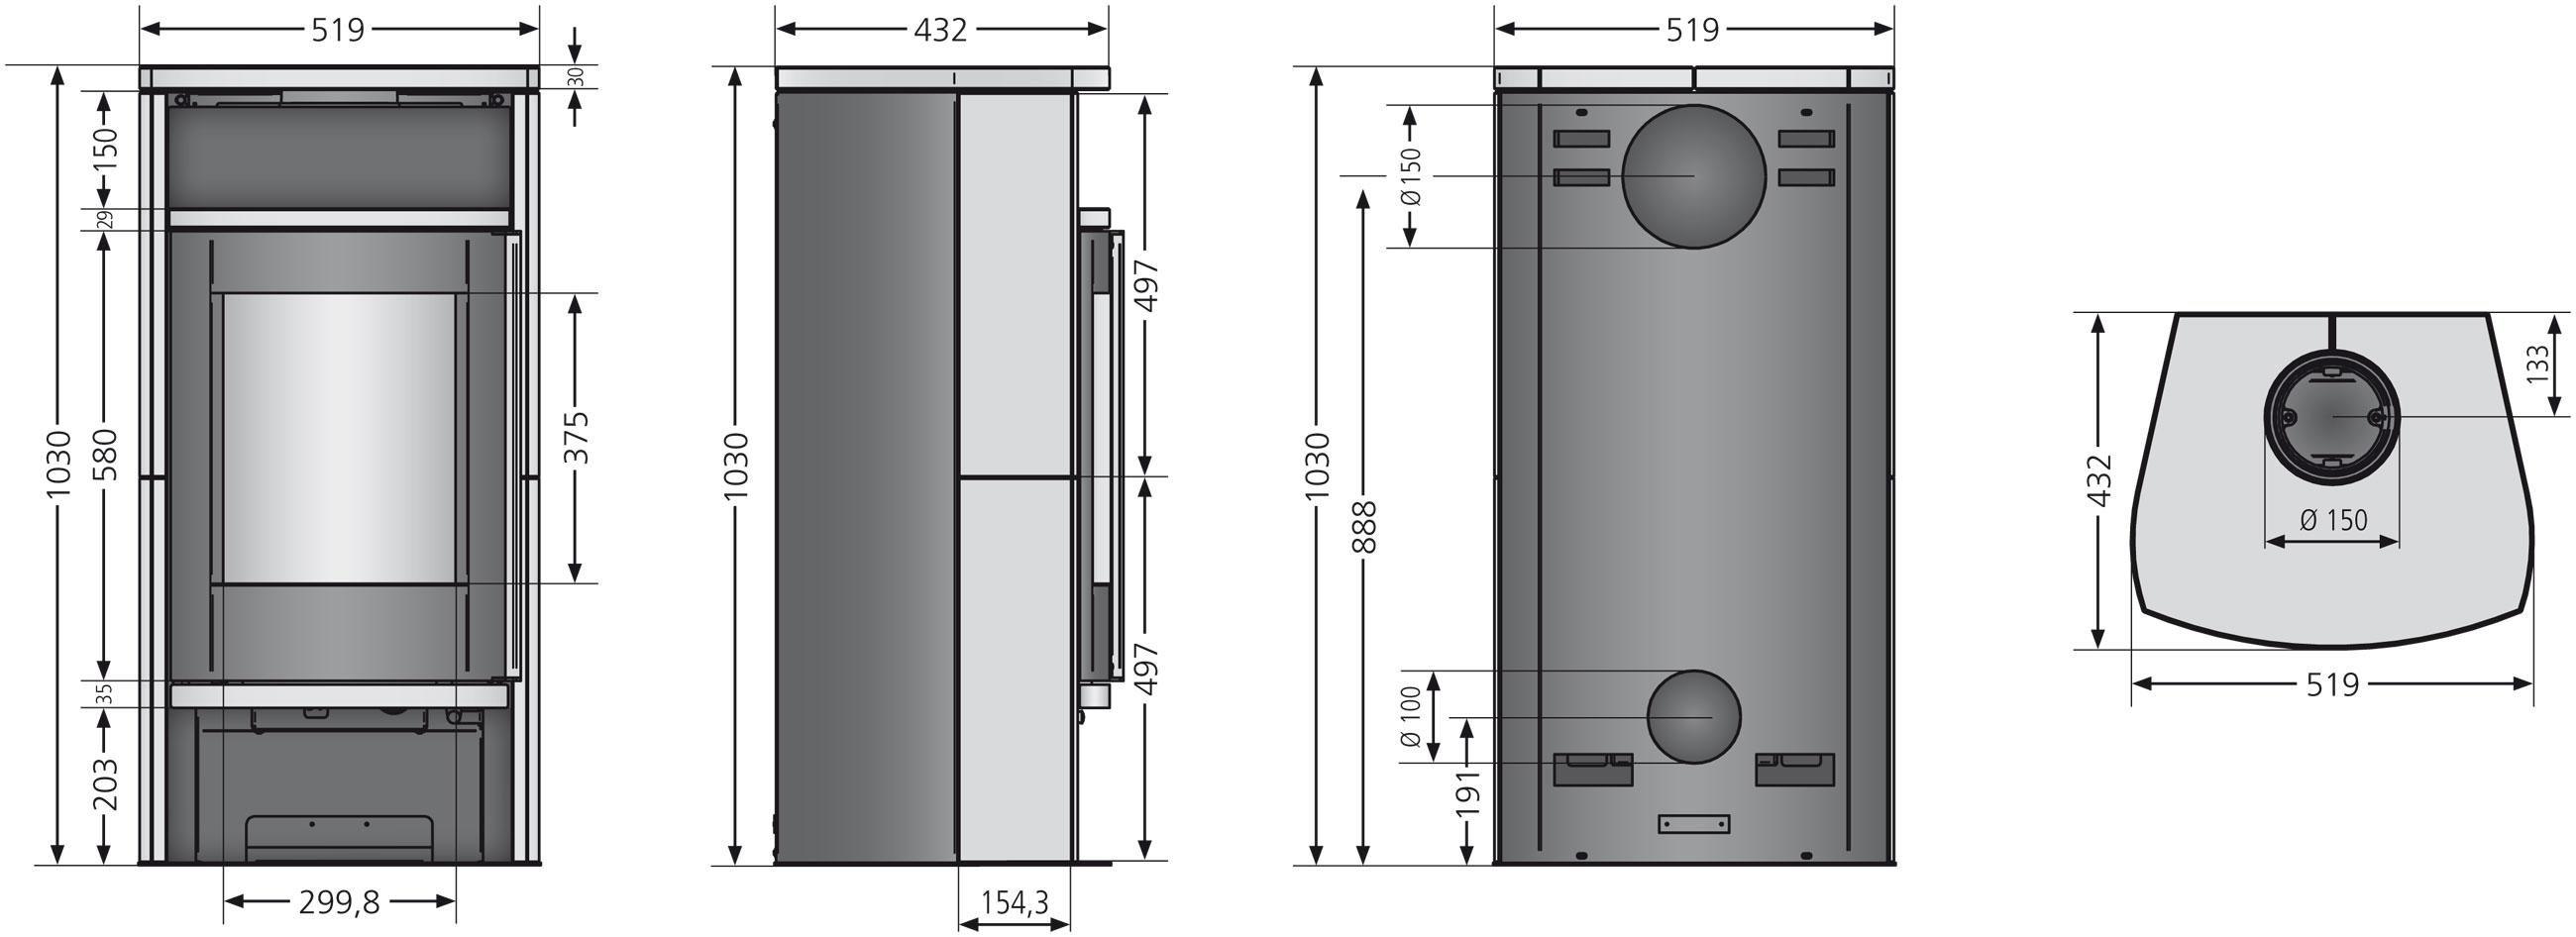 Kaminofen Dauerbrandofen Justus Frisco 2.0 raumluftunabh Speckst. 5kW Bild 3